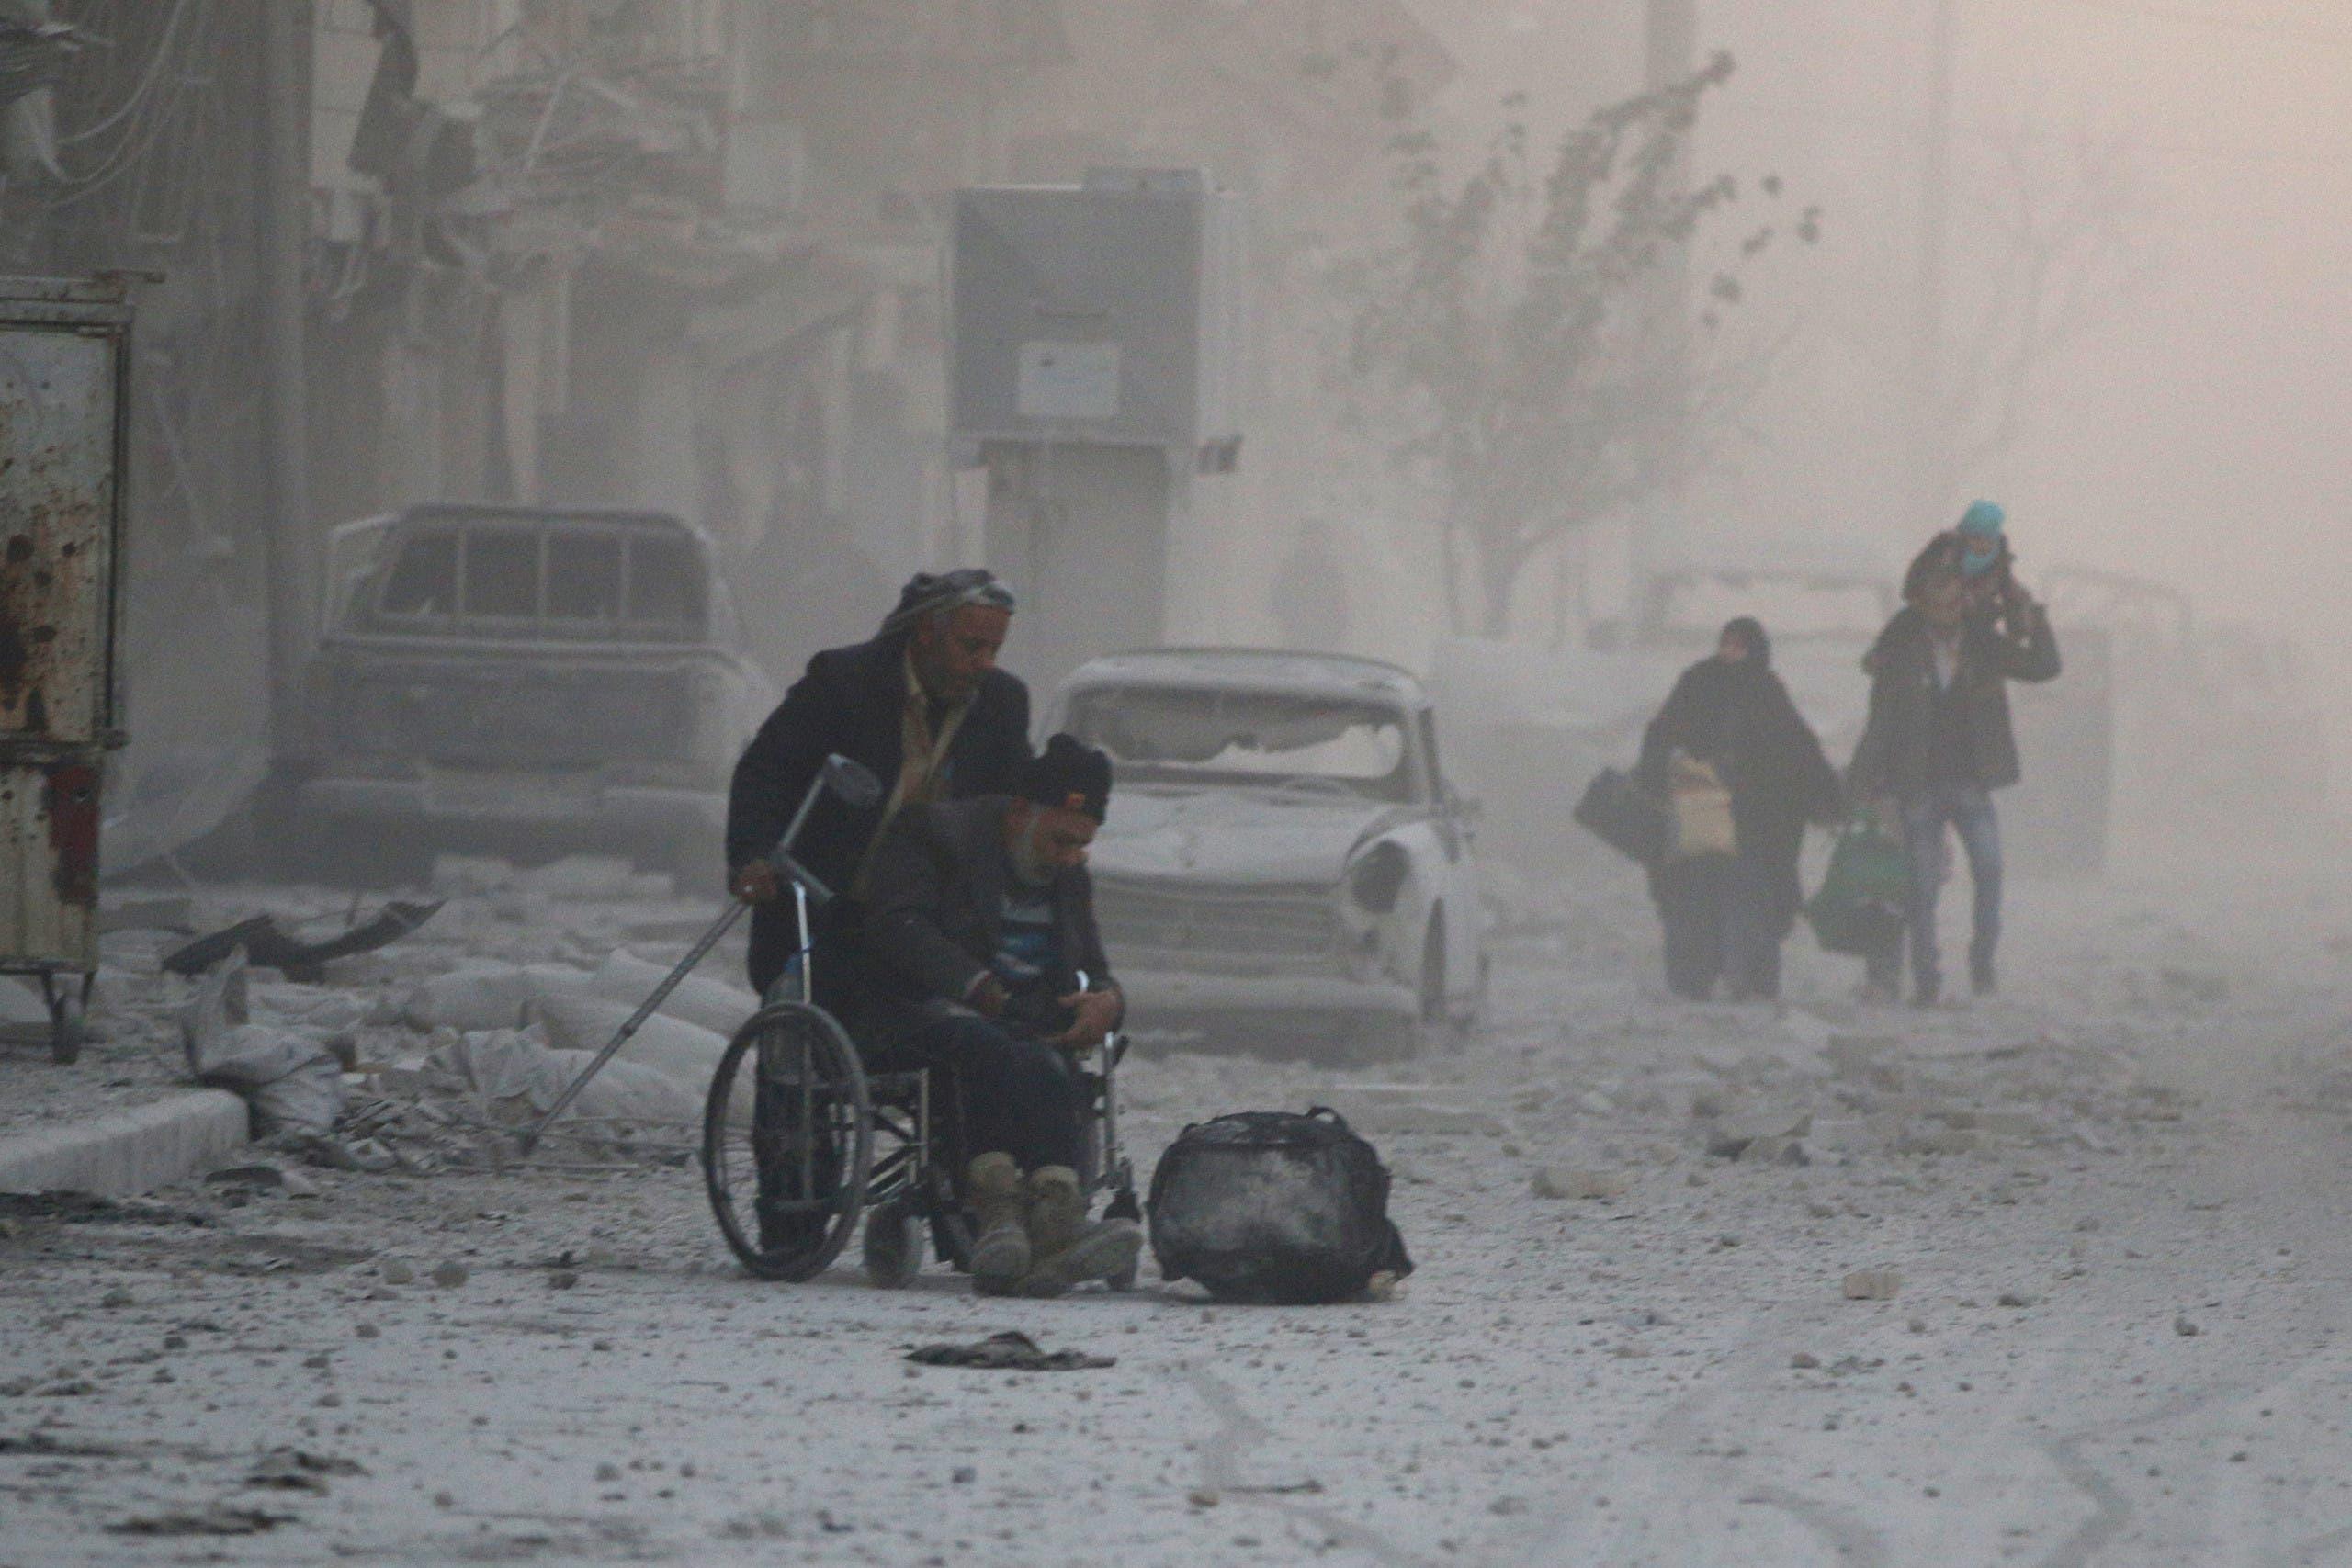 رجل على كرسي متحرك يهرب مع آخرين من القصف داخل حلب الشرقية